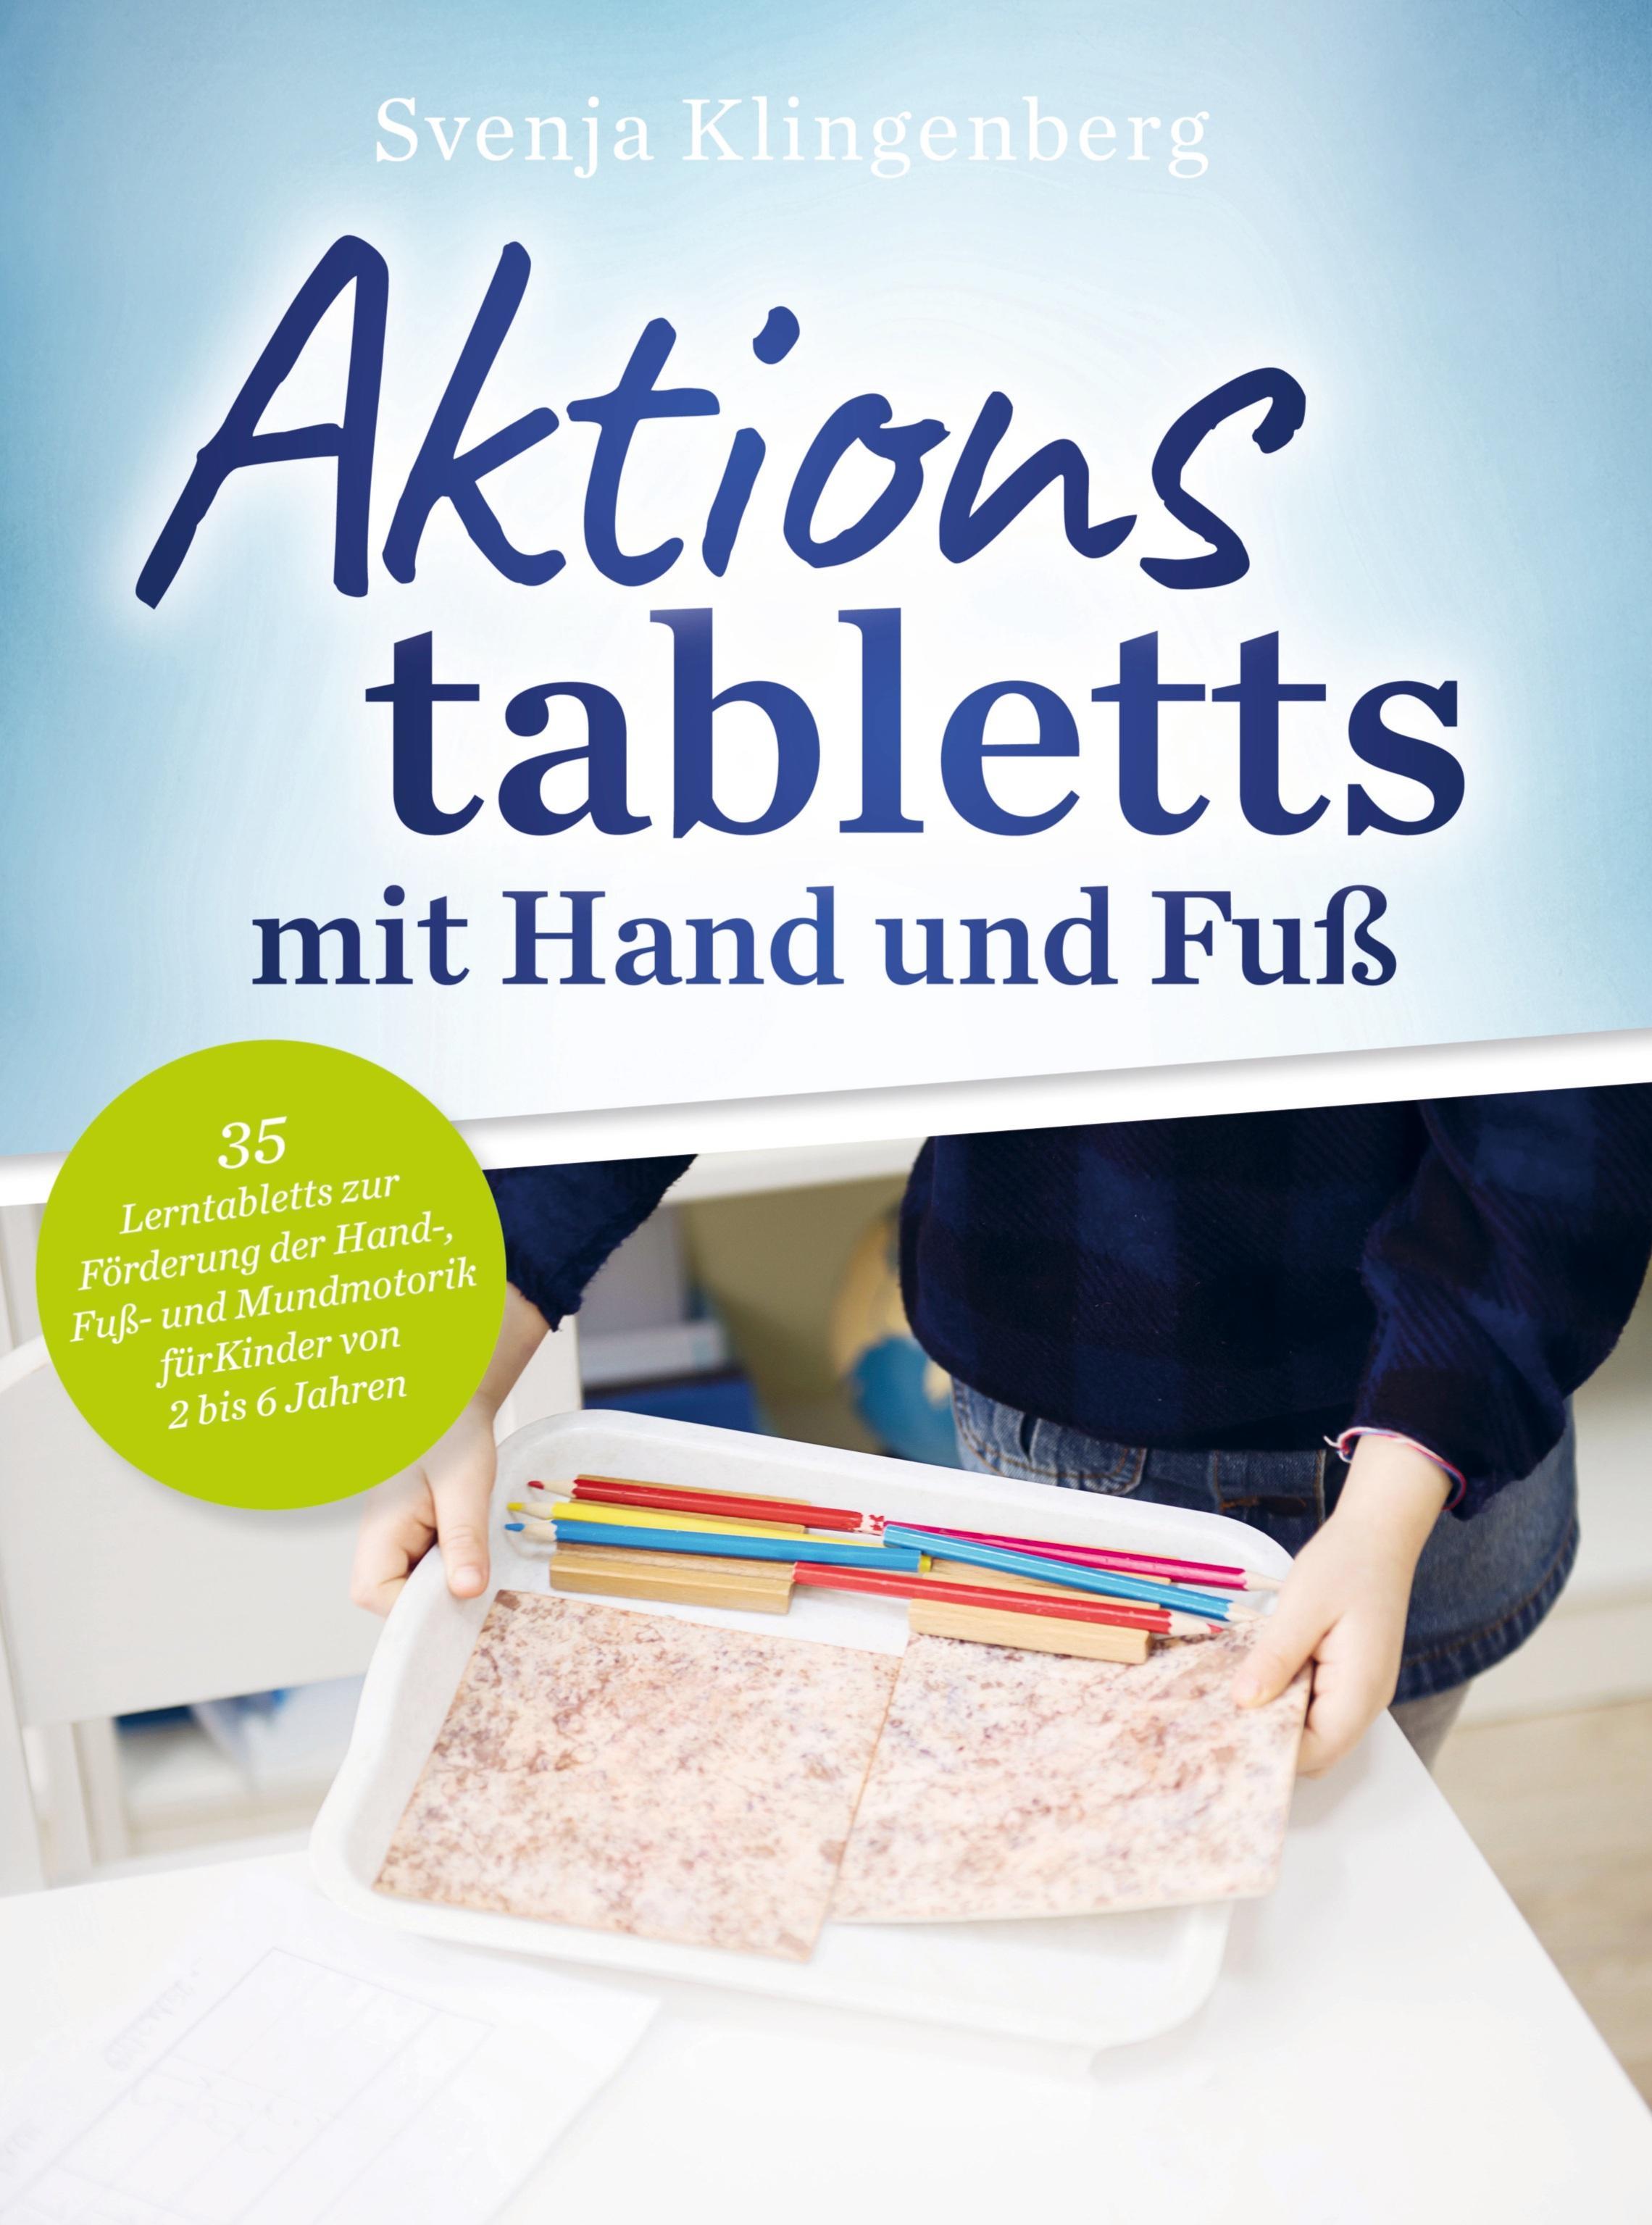 Aktionstabletts mit Hand und Fuß Svenja Klingenberg